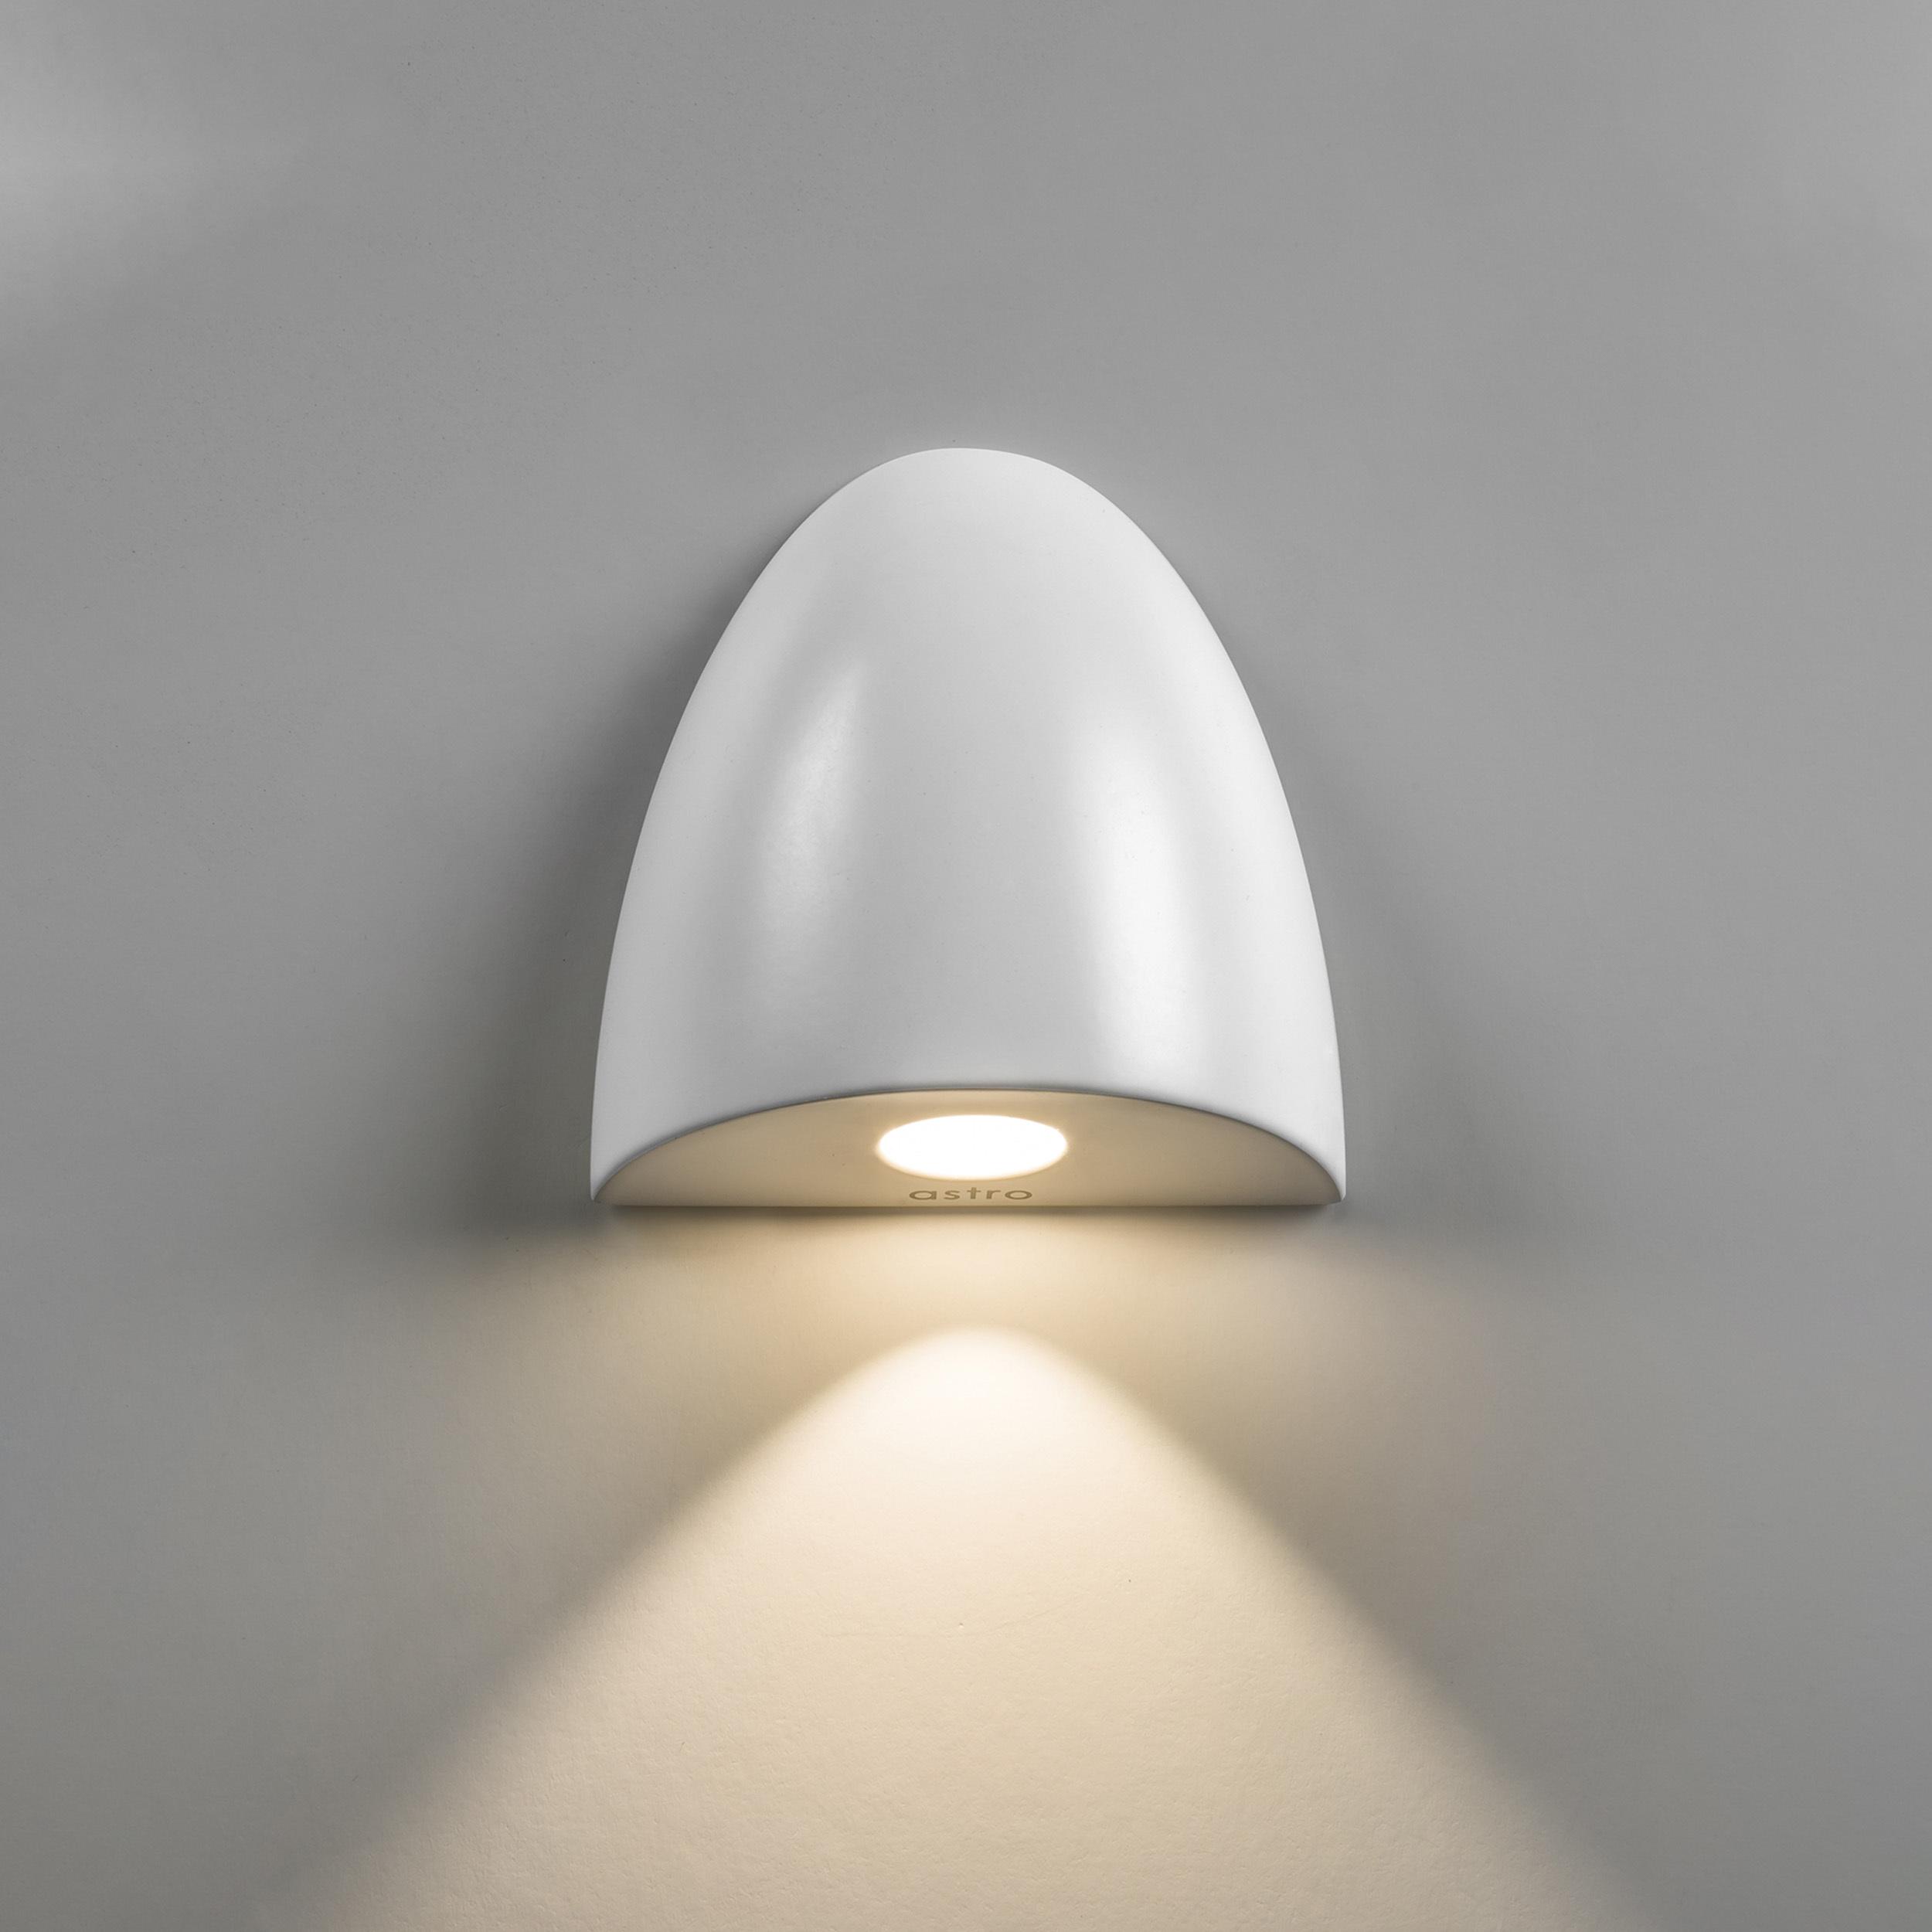 Встраиваемый настенный светодиодный светильник Astro Orpheus LED 1348002 (7370), IP65, LED 2W 2700K 65.6lm CRI80, белый, металл, стекло - фото 1